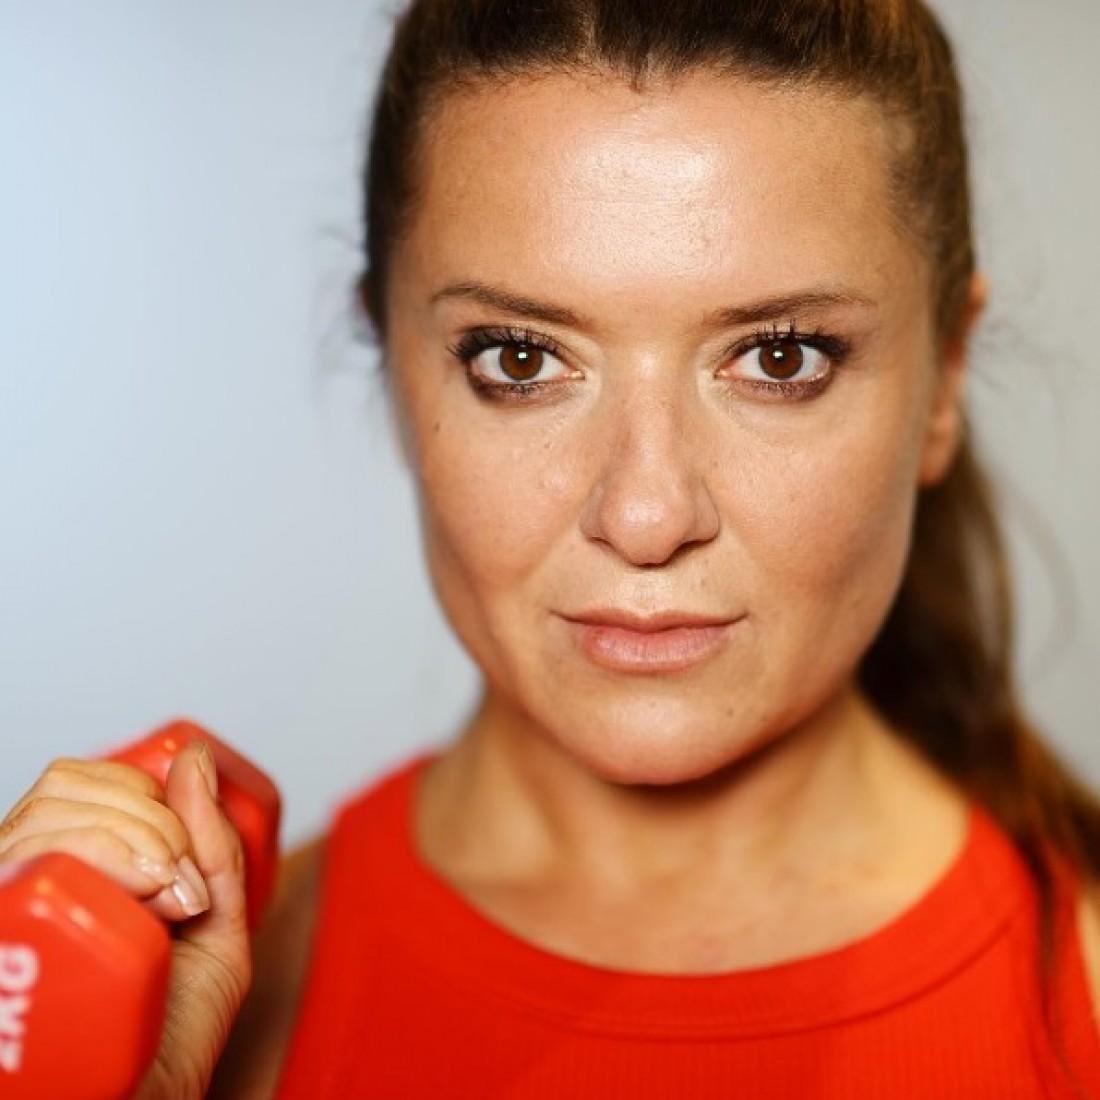 Могилевская призналась, что сложнее всего организовать 4-5 раз в день питание на весь день с утра